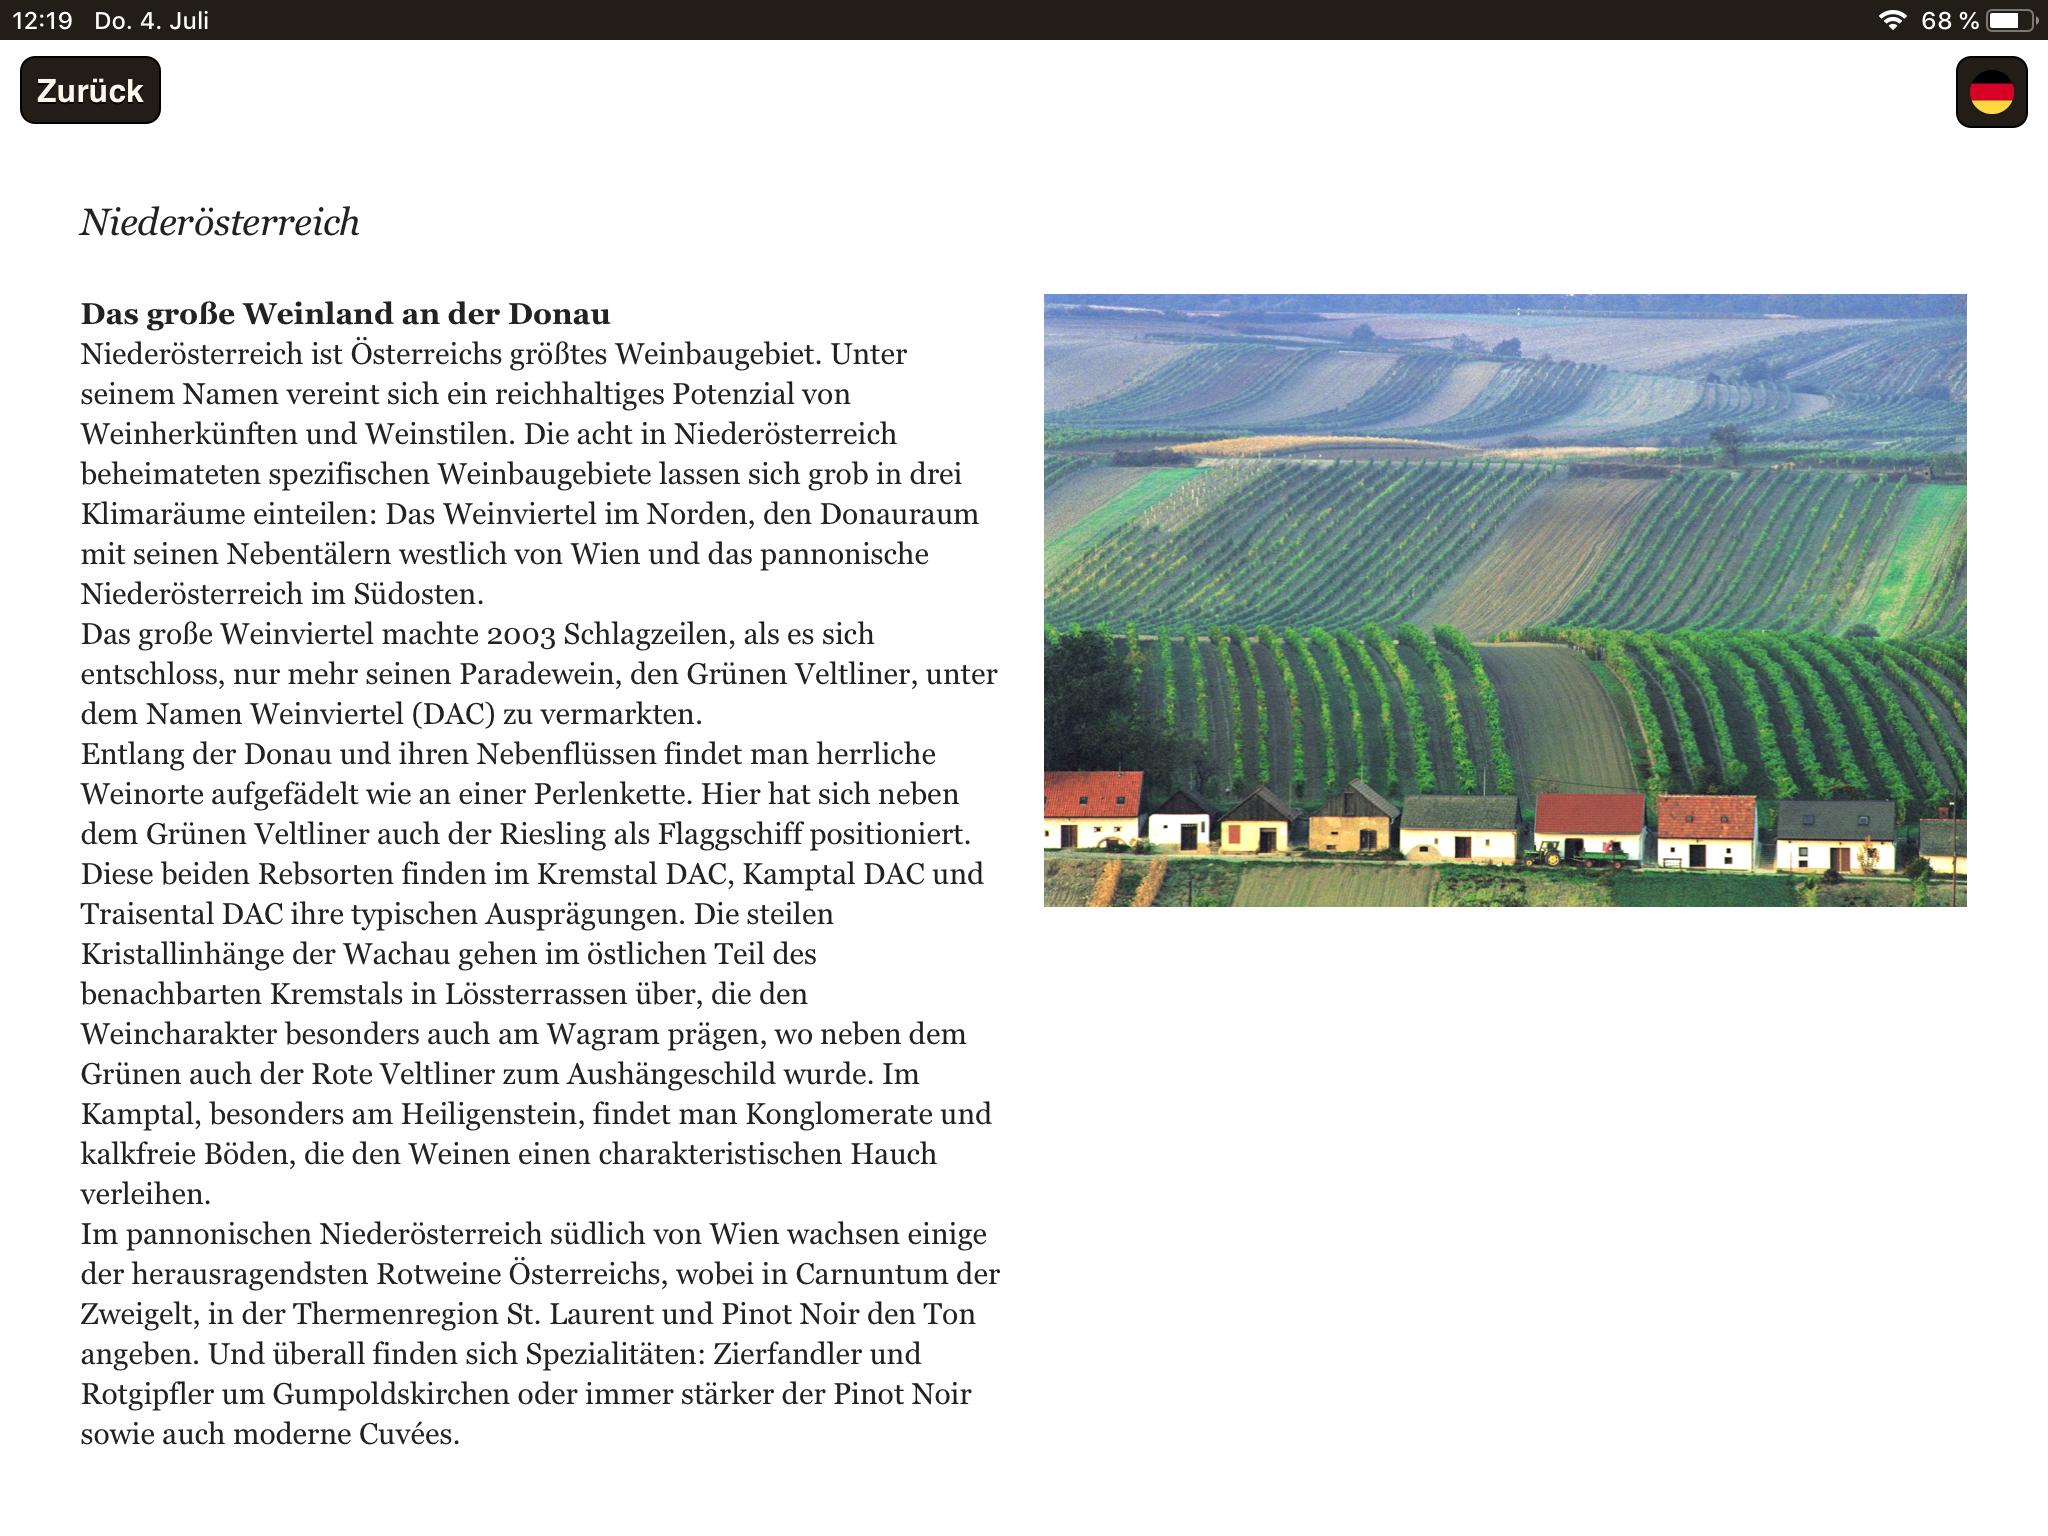 winePad_lexikon